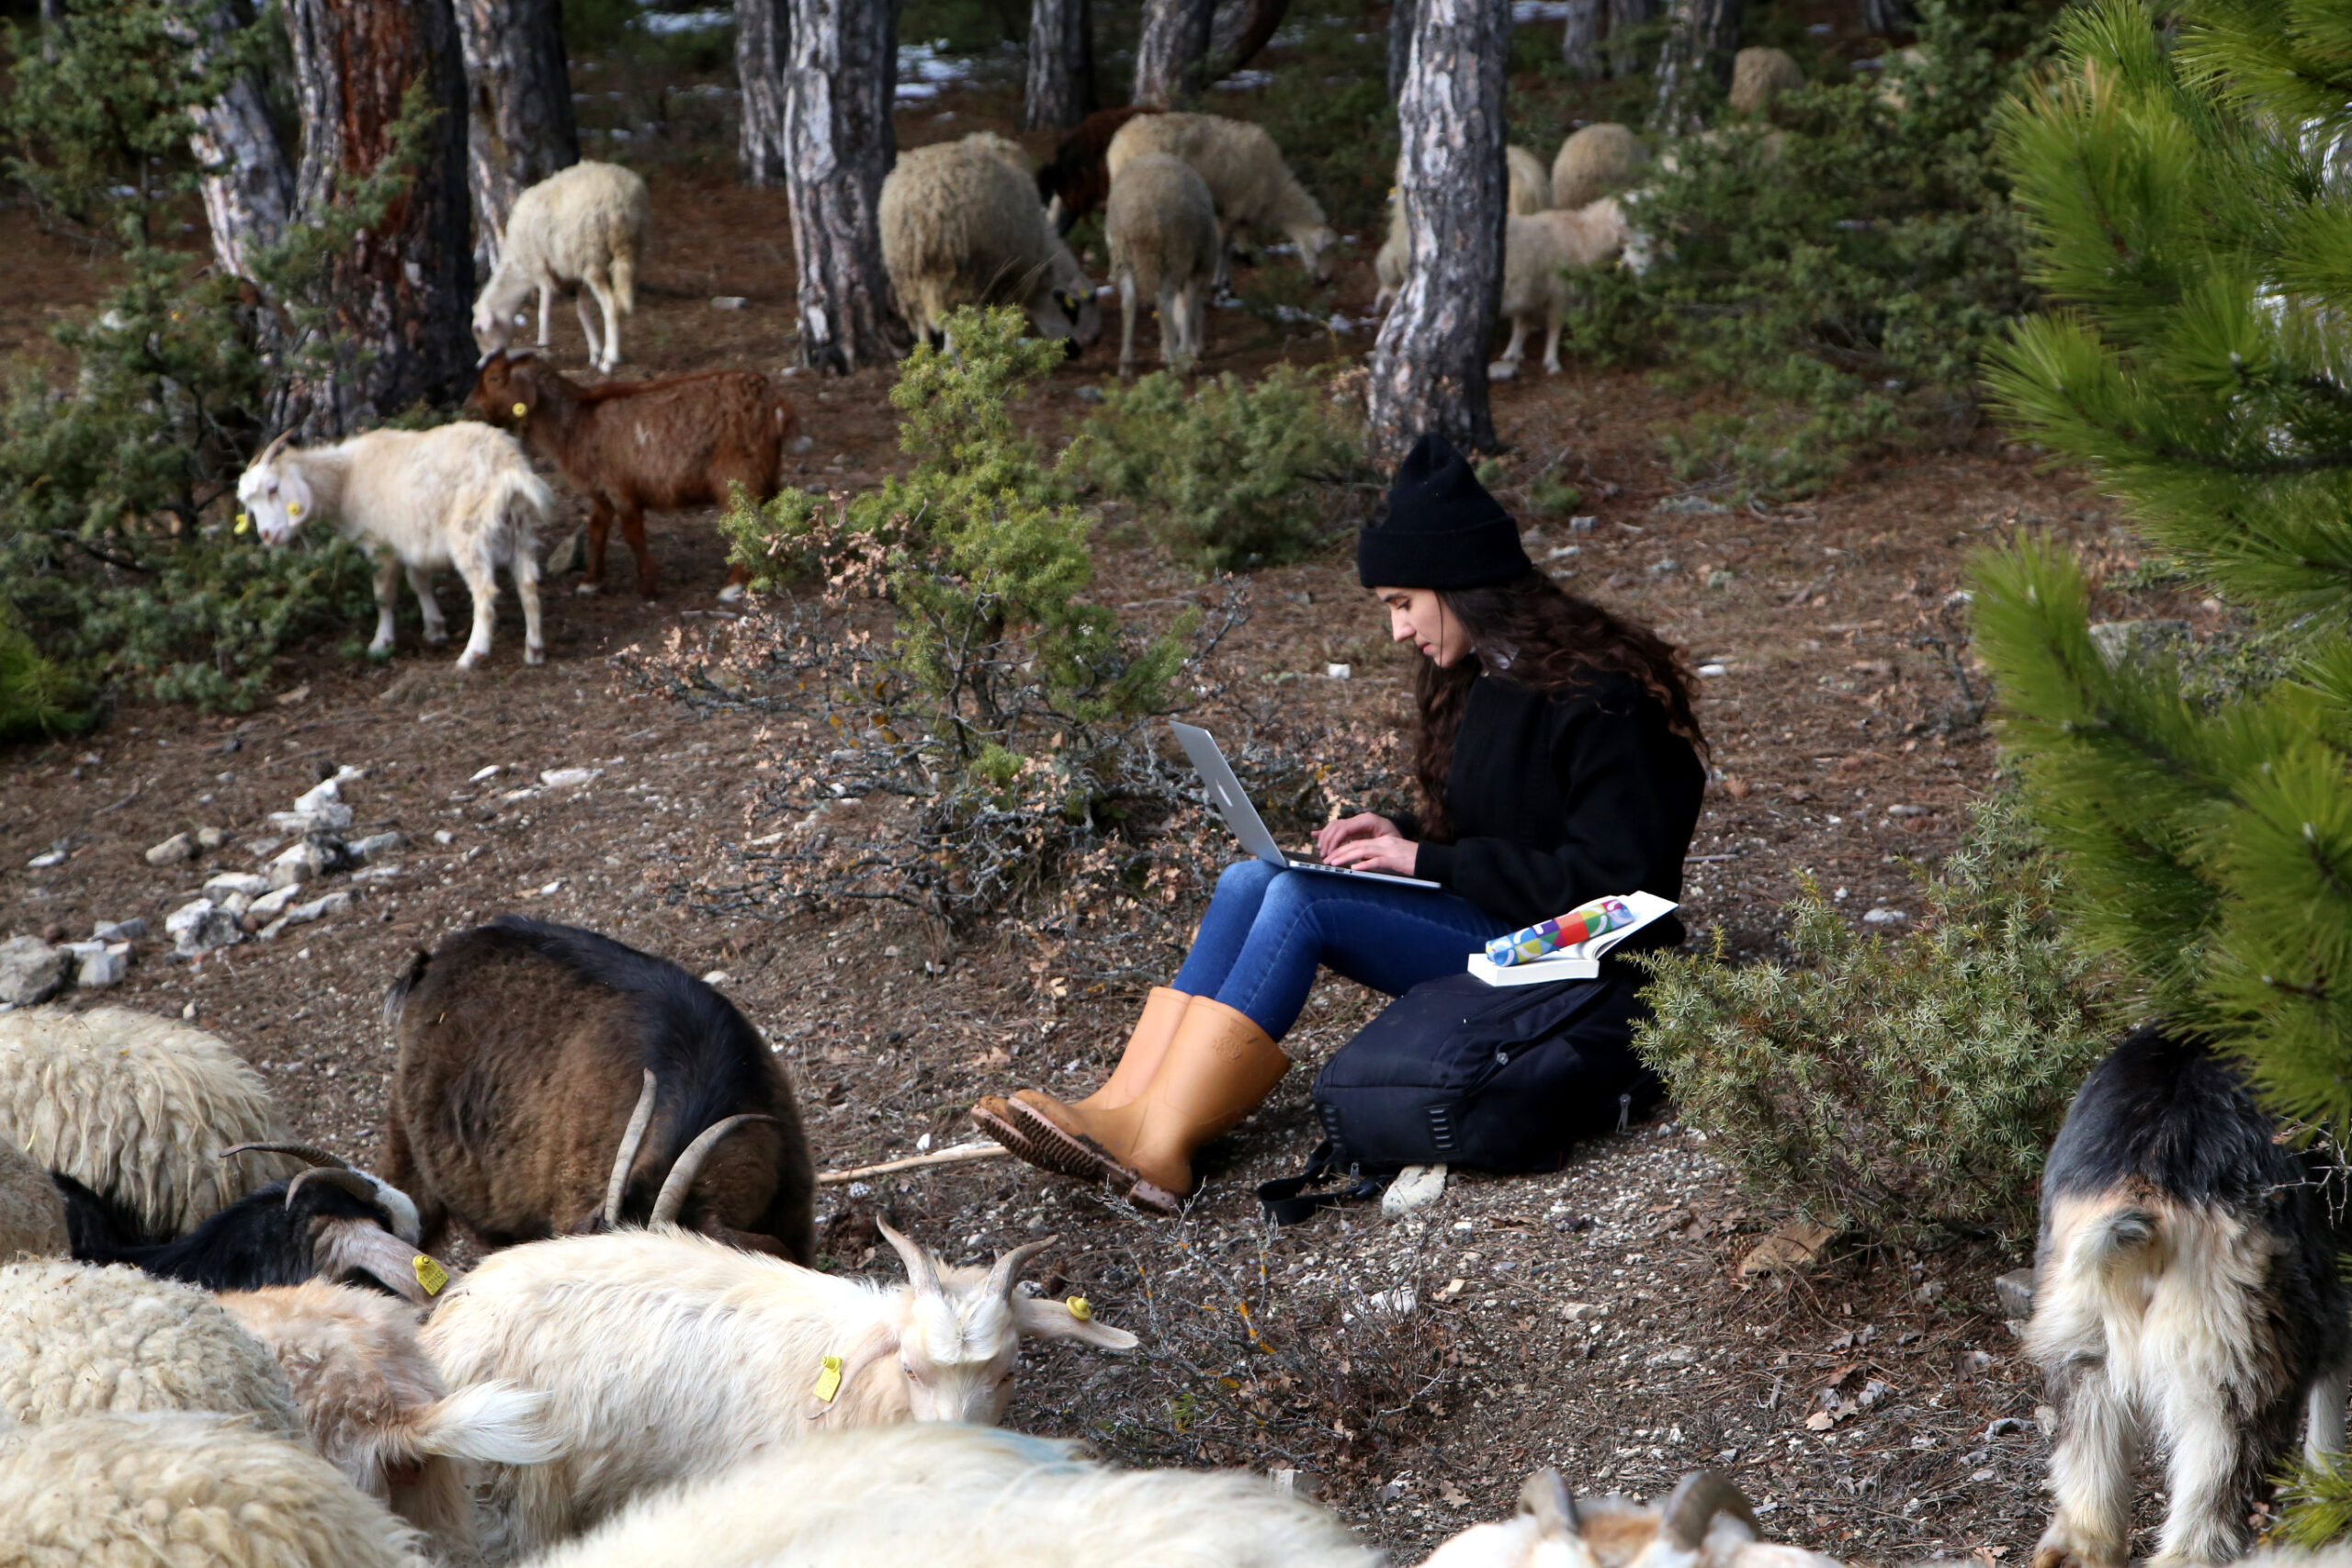 Koyun güderken  tezini yazıyor